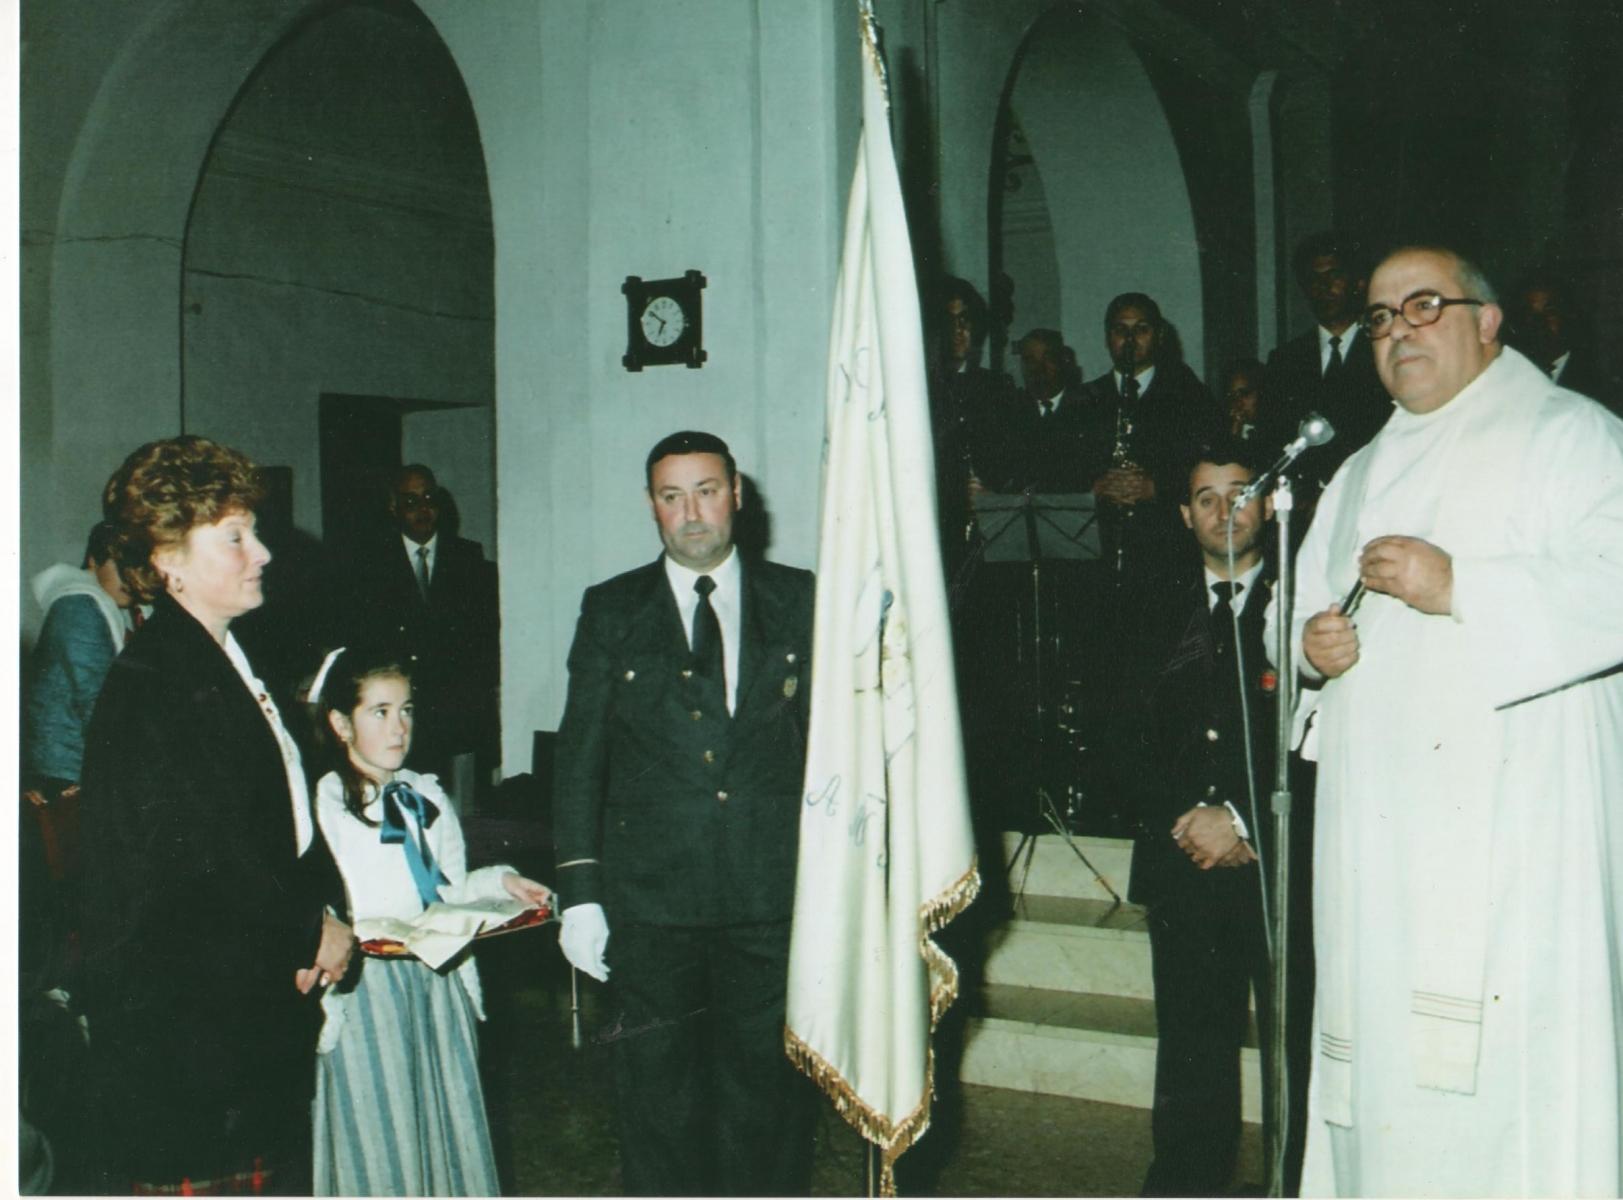 Bendición nueva bandera 1986